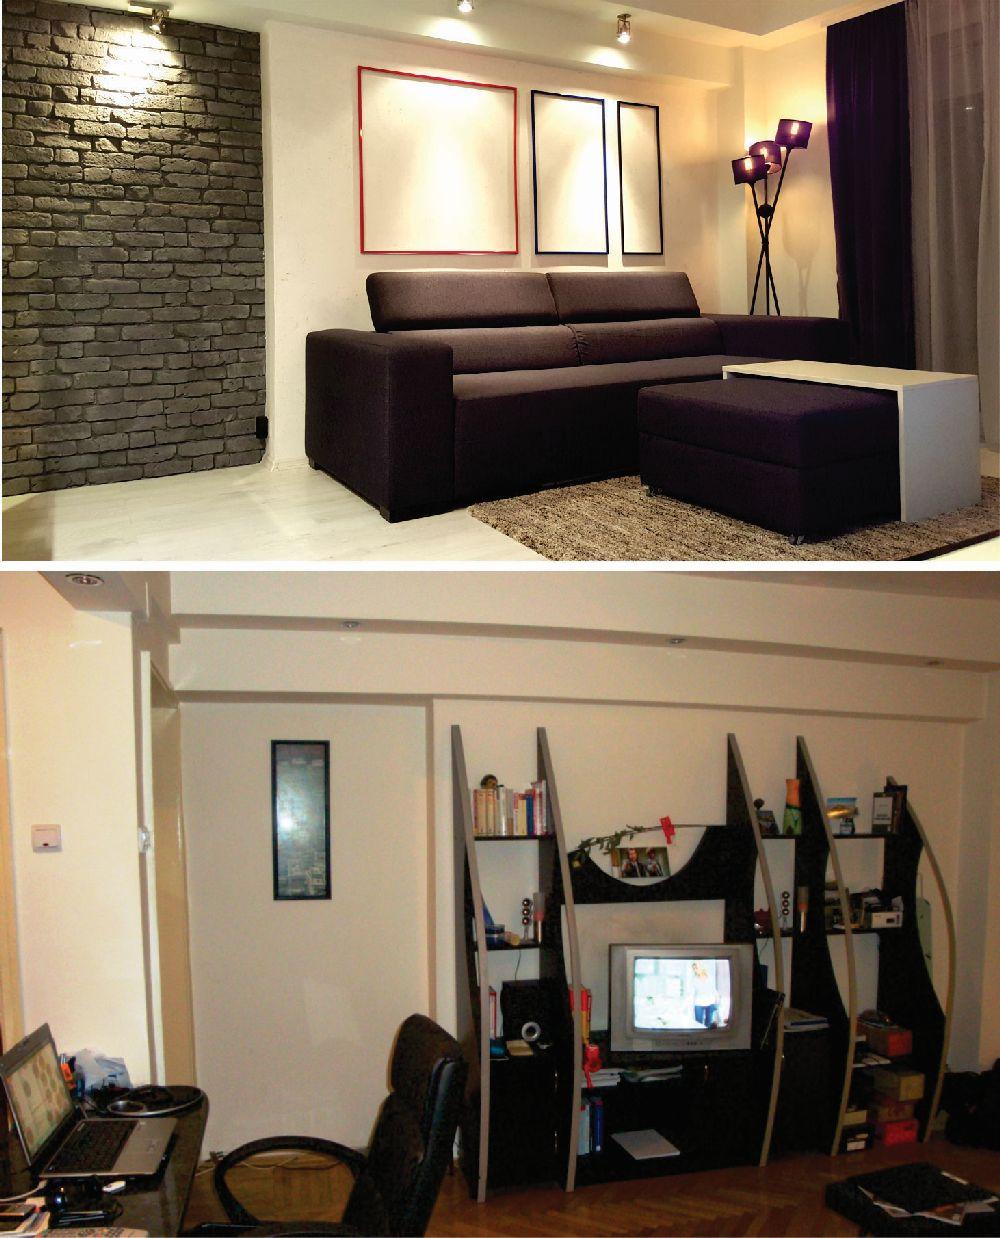 adelaparvu.com despre renovare apartament 2 camere Bucuresti, arh Andreea Besliu (10)